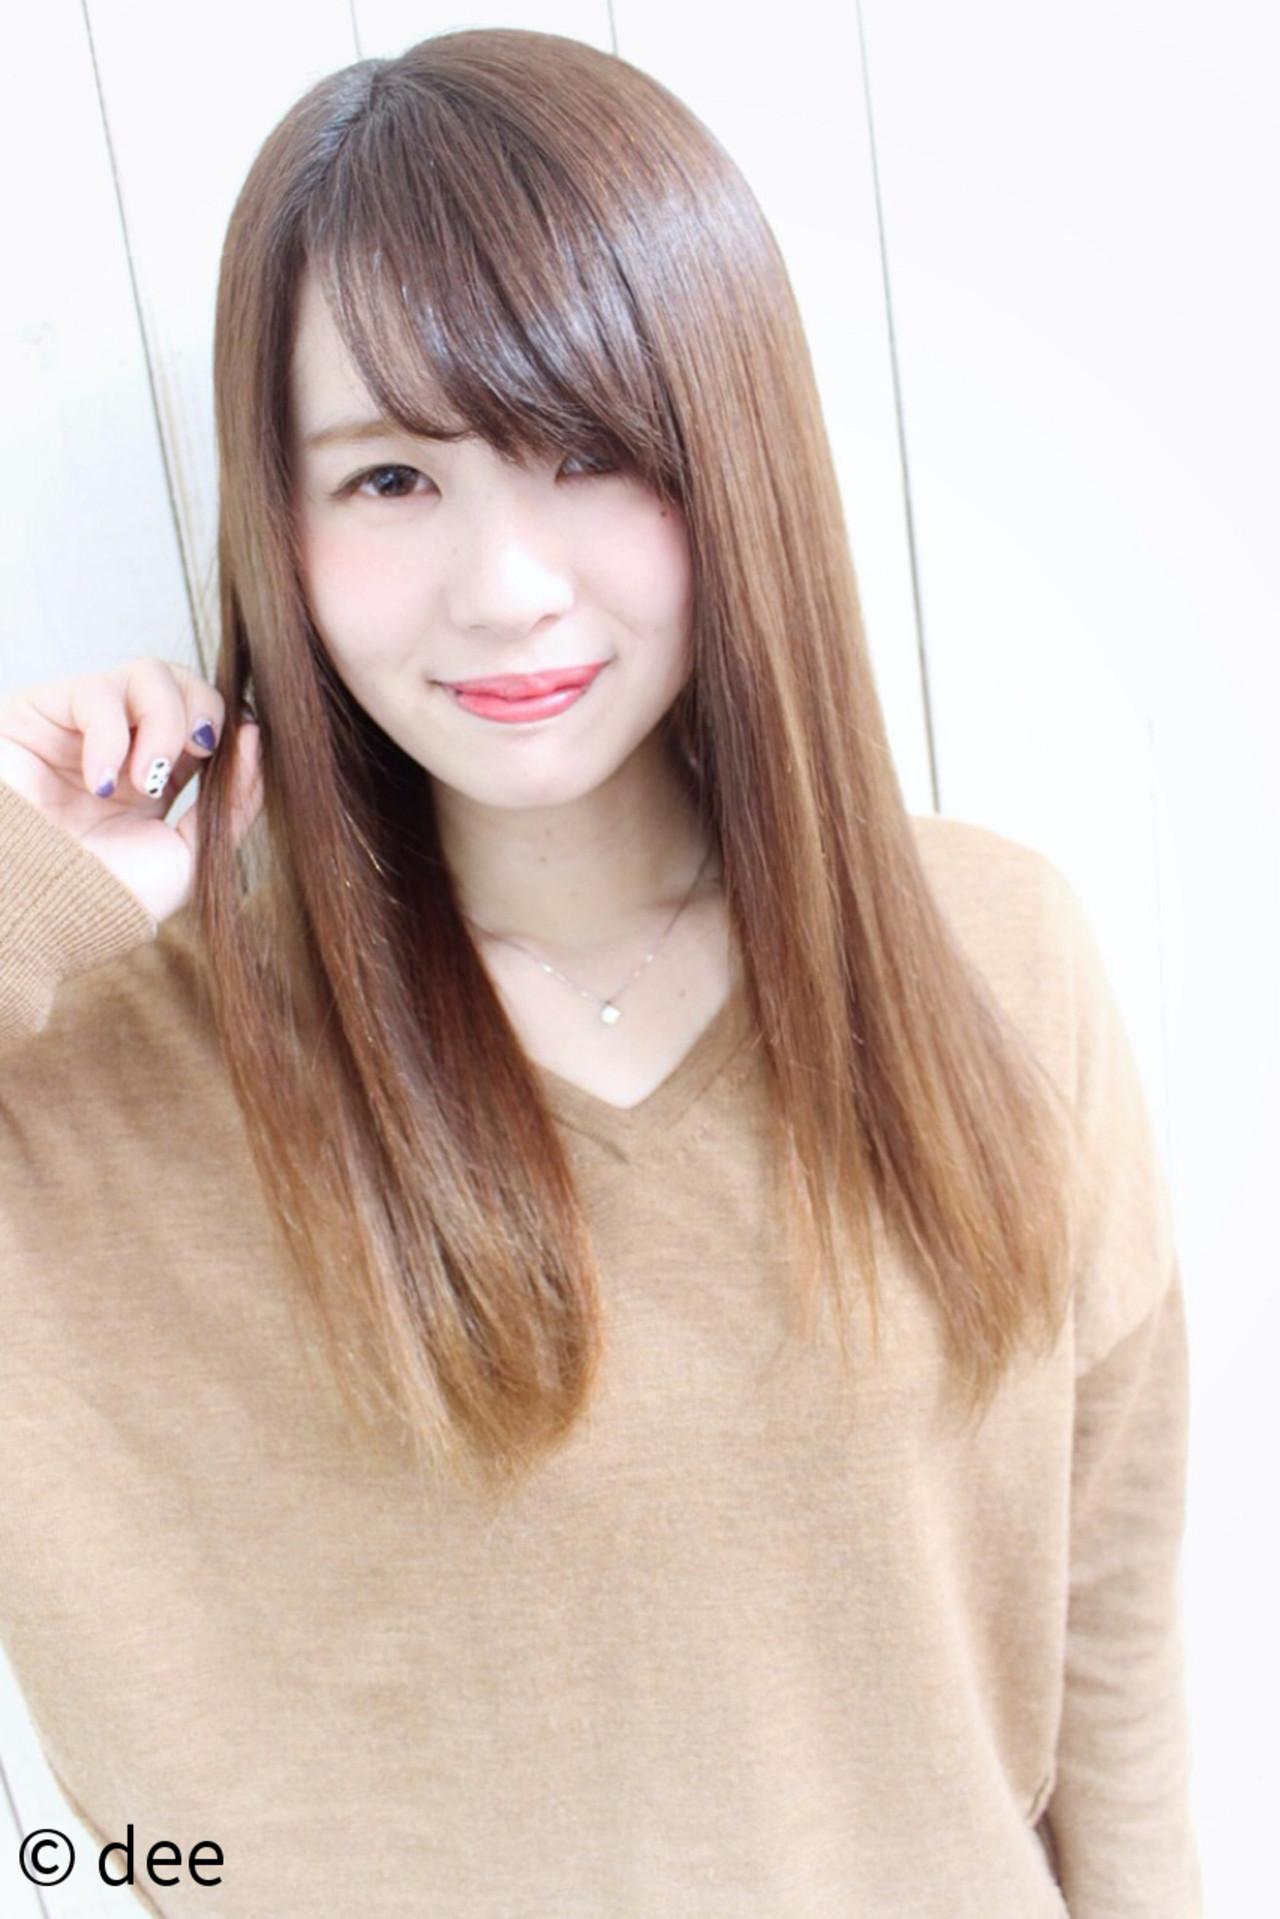 あなたに似合う前髪見つかった?オトナかわいいオシャレ前髪スタイル集♡ dee  dee